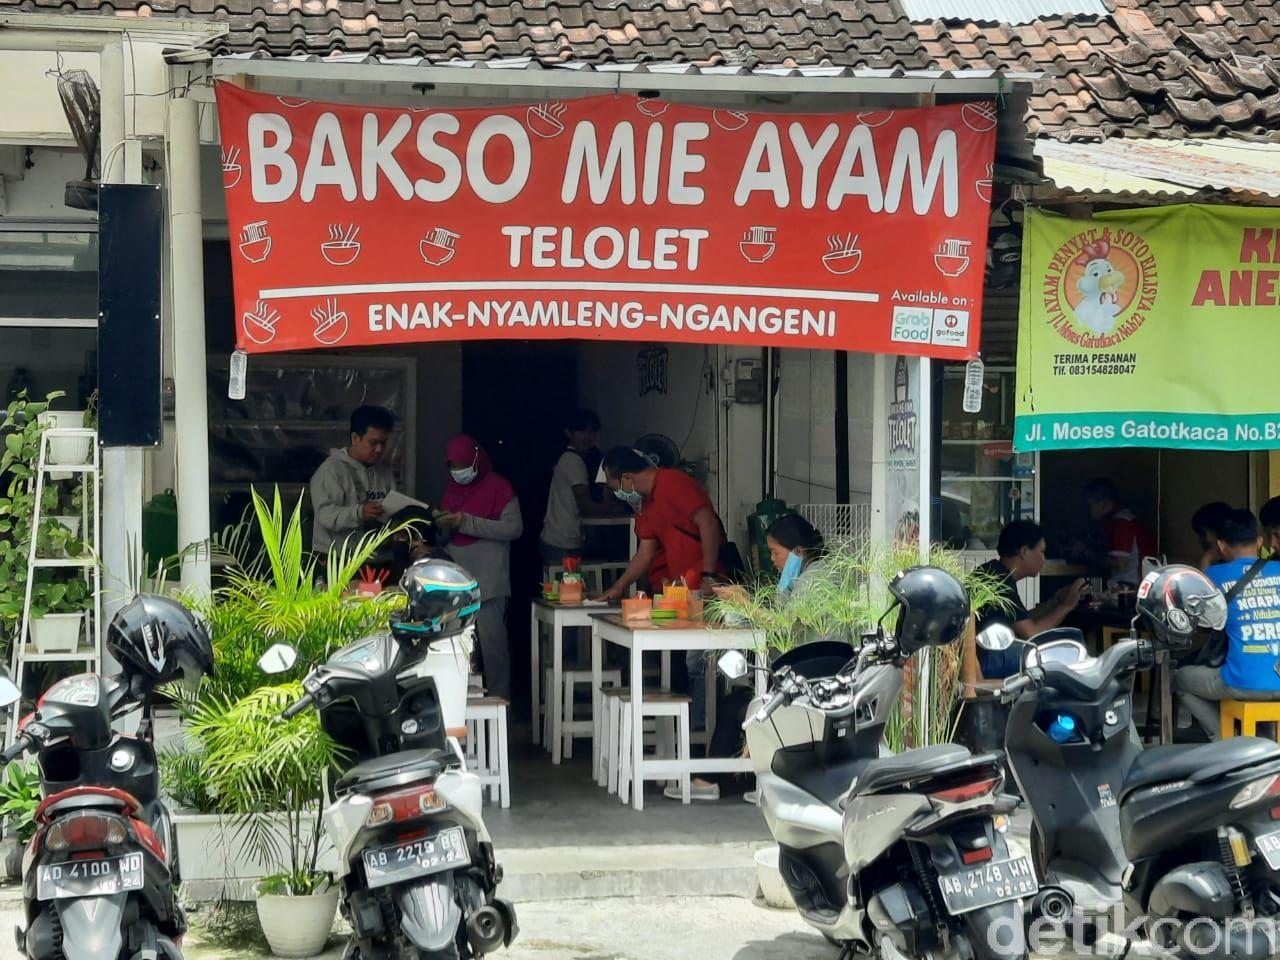 Kisah Bule Cantik Penjual Mie Ayam di Yogyakarta